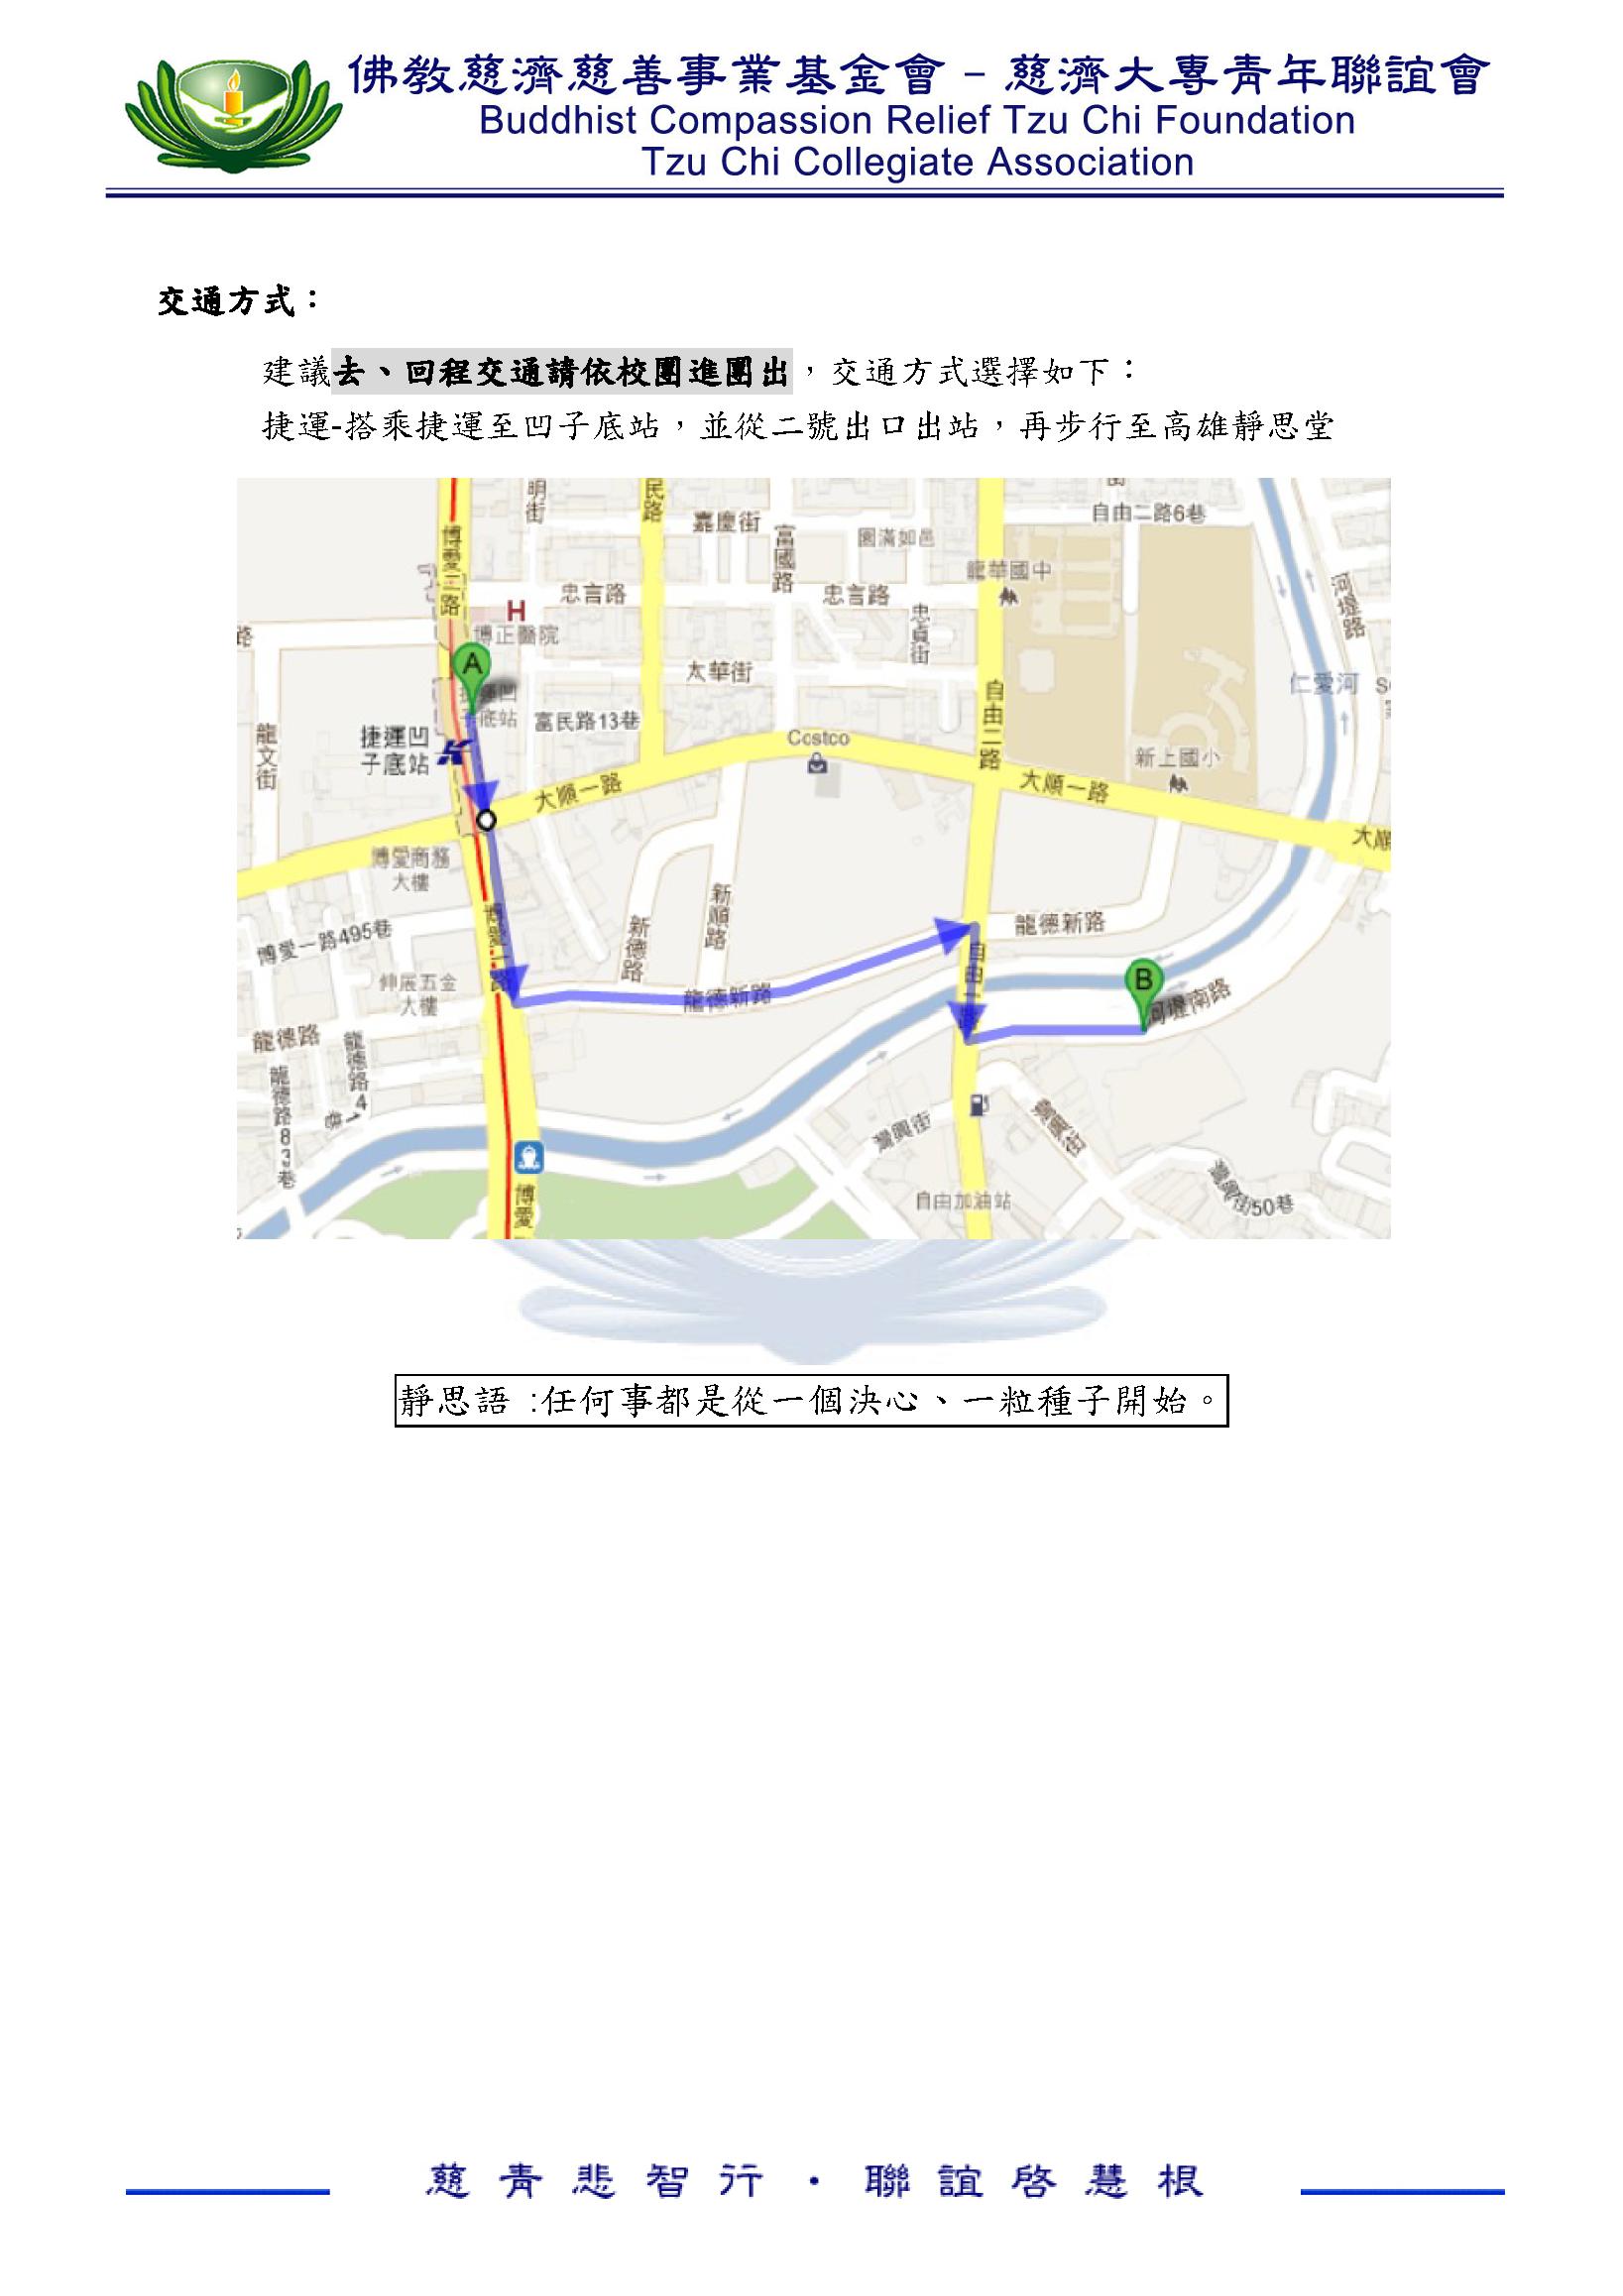 2014高雄區慈青迎新宿營報名簡章_頁面_3.png